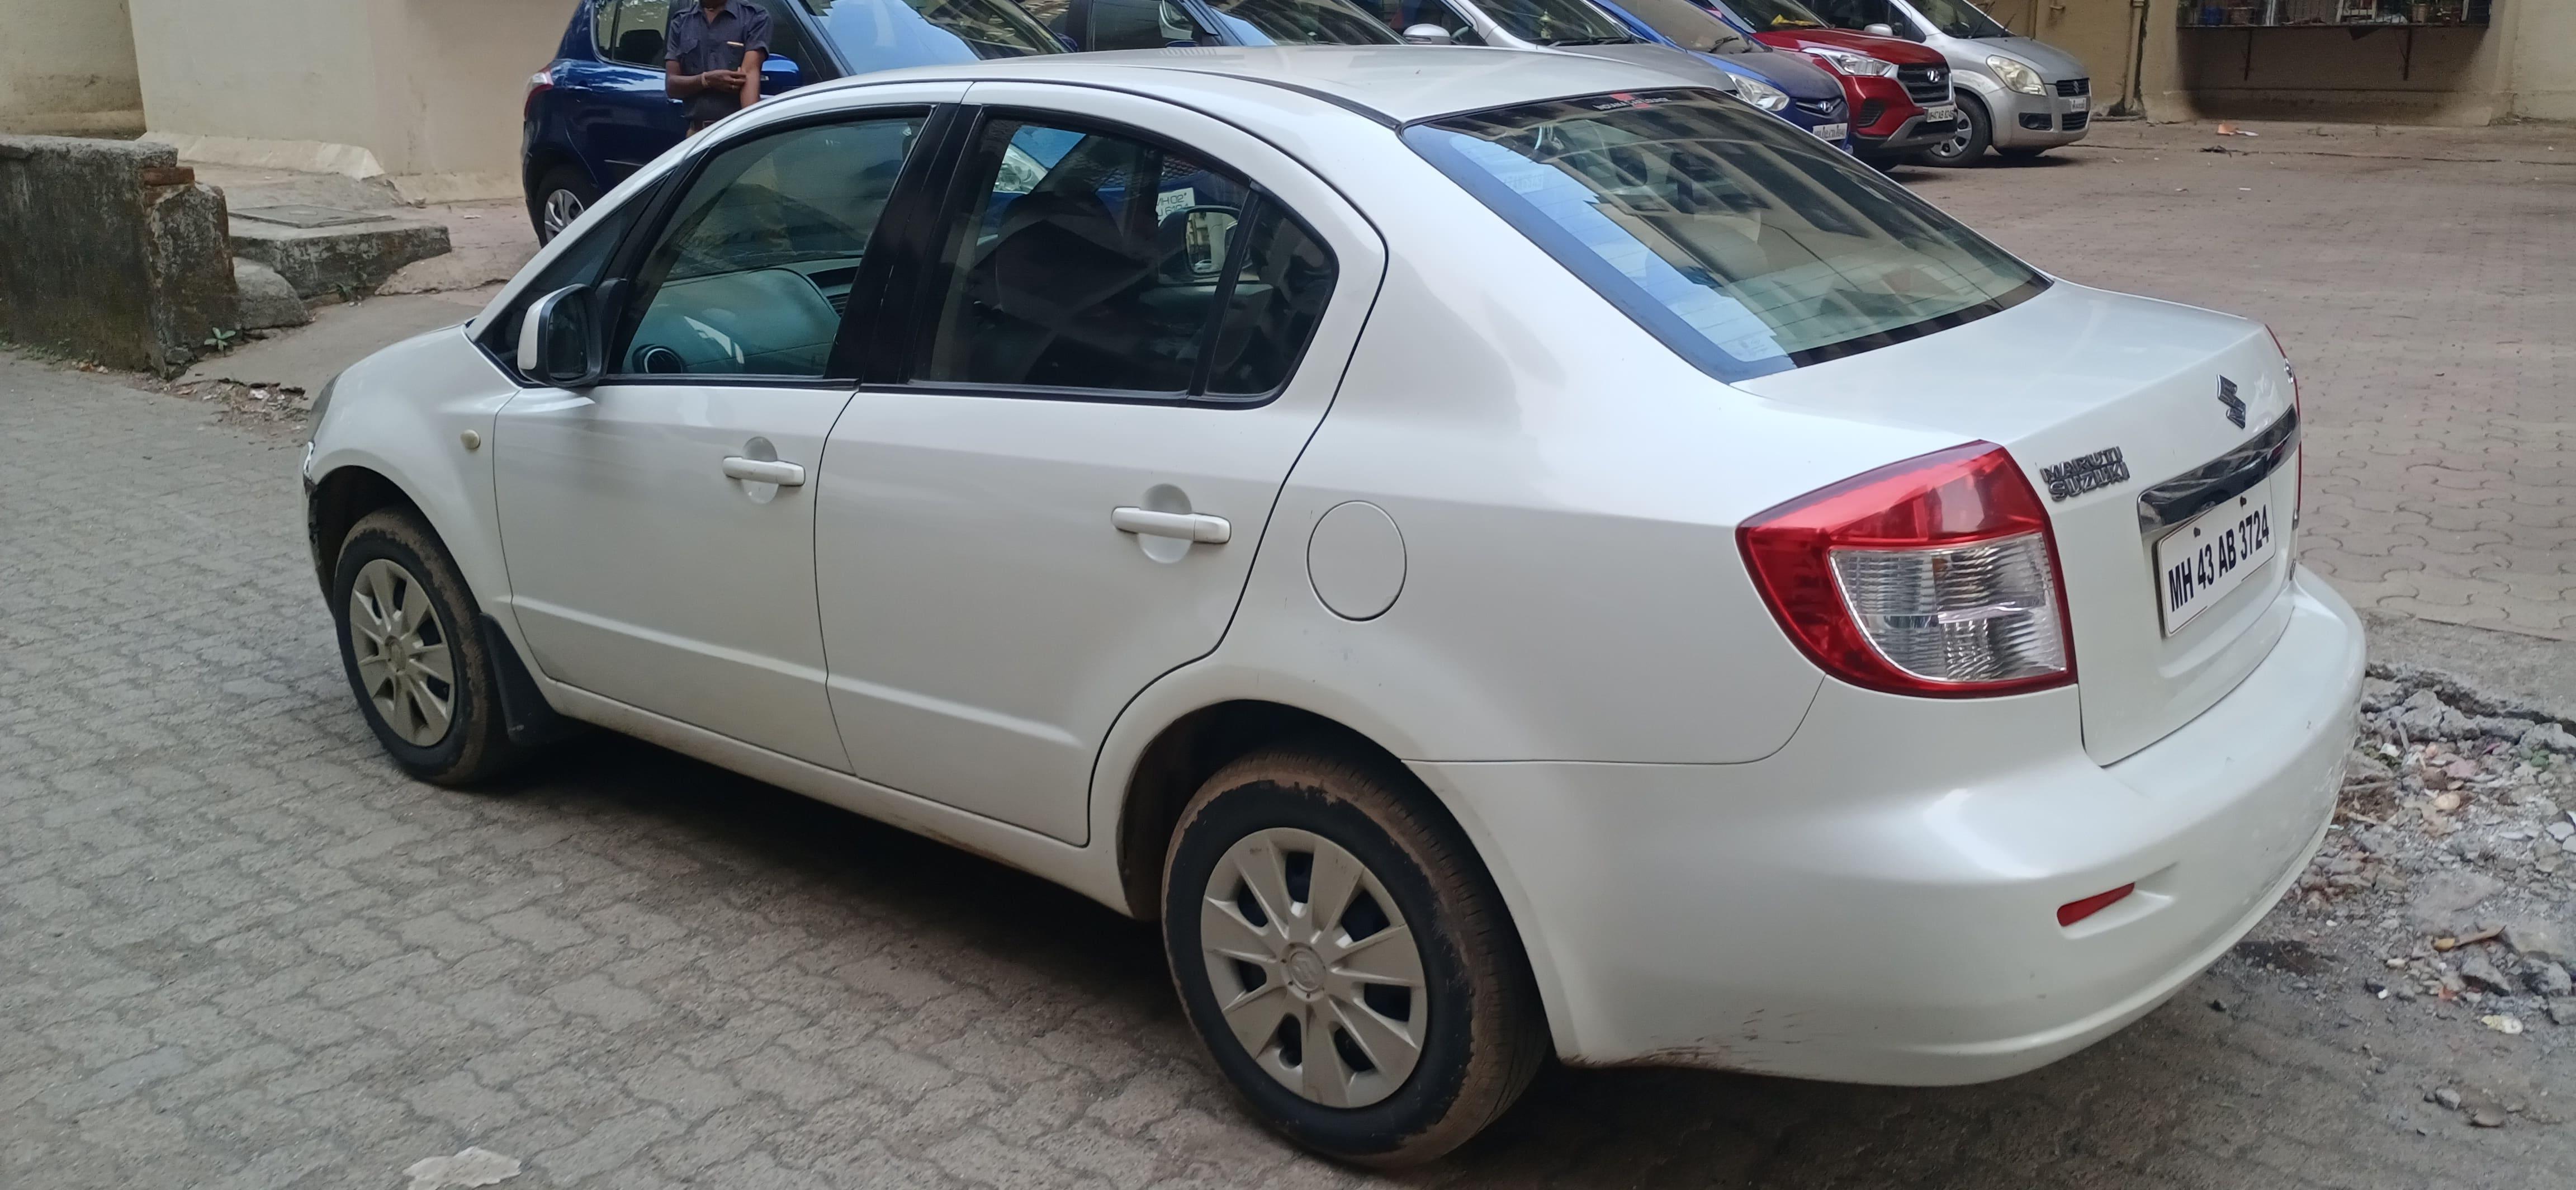 Maruti SX4 2007-2012 Vxi BSIII